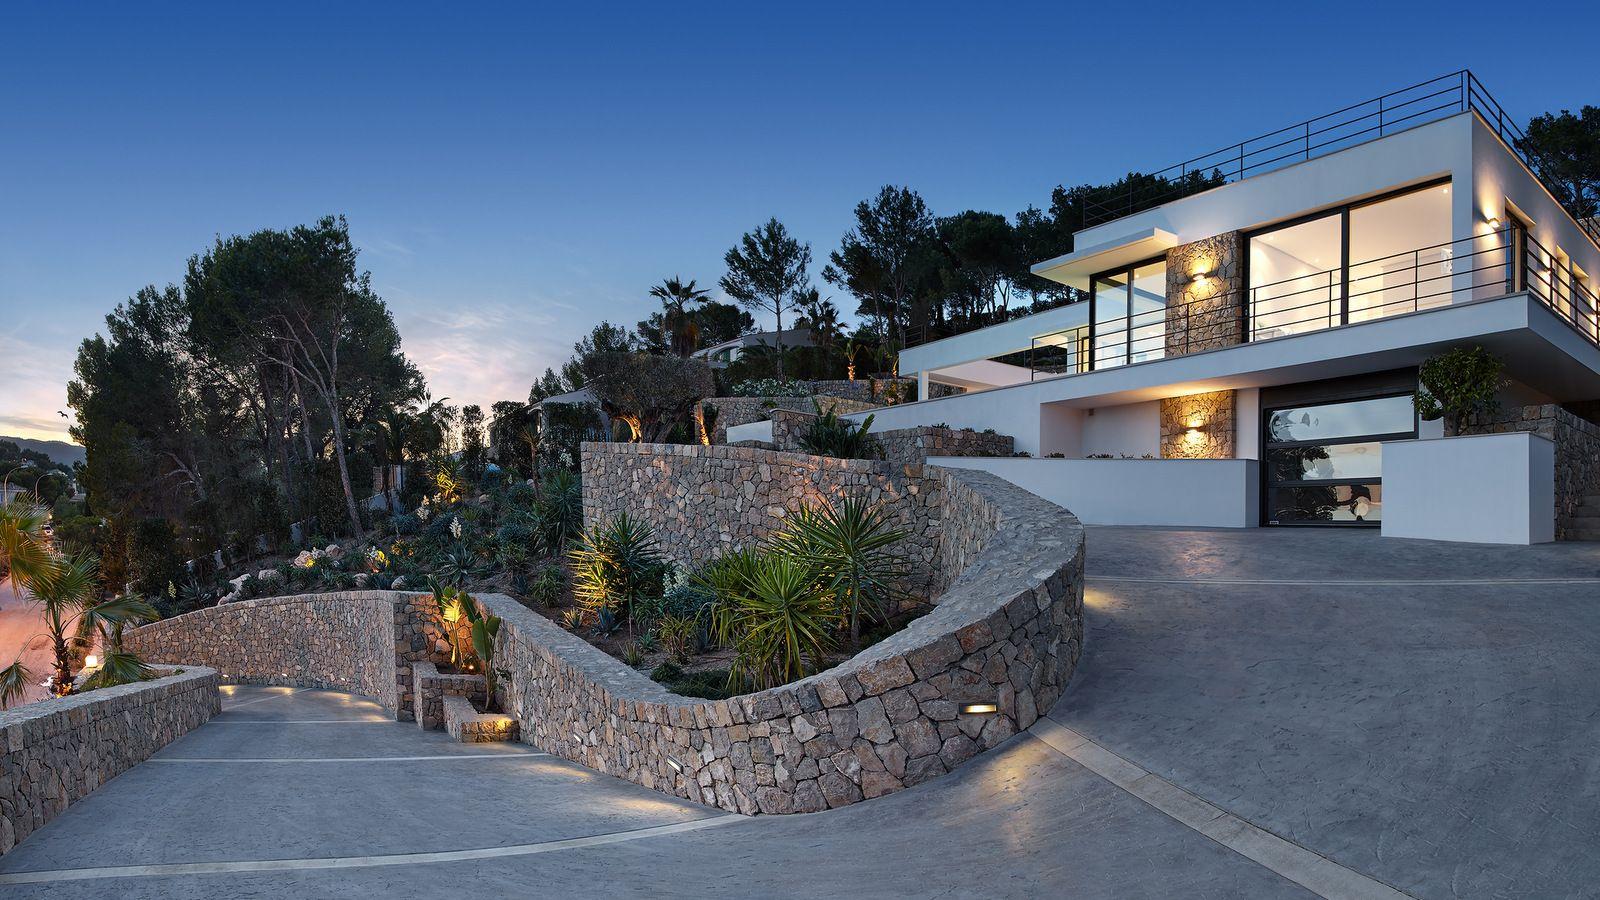 Neu : Designer Luxusvilla in bester exklusiver Lage ! http://www.casanova-immobilienmallorca.de/de/suchergebnis/2451102/Luxus-Immobilie-Mallorca-in-ruhiger-zentraler-Wohnlage